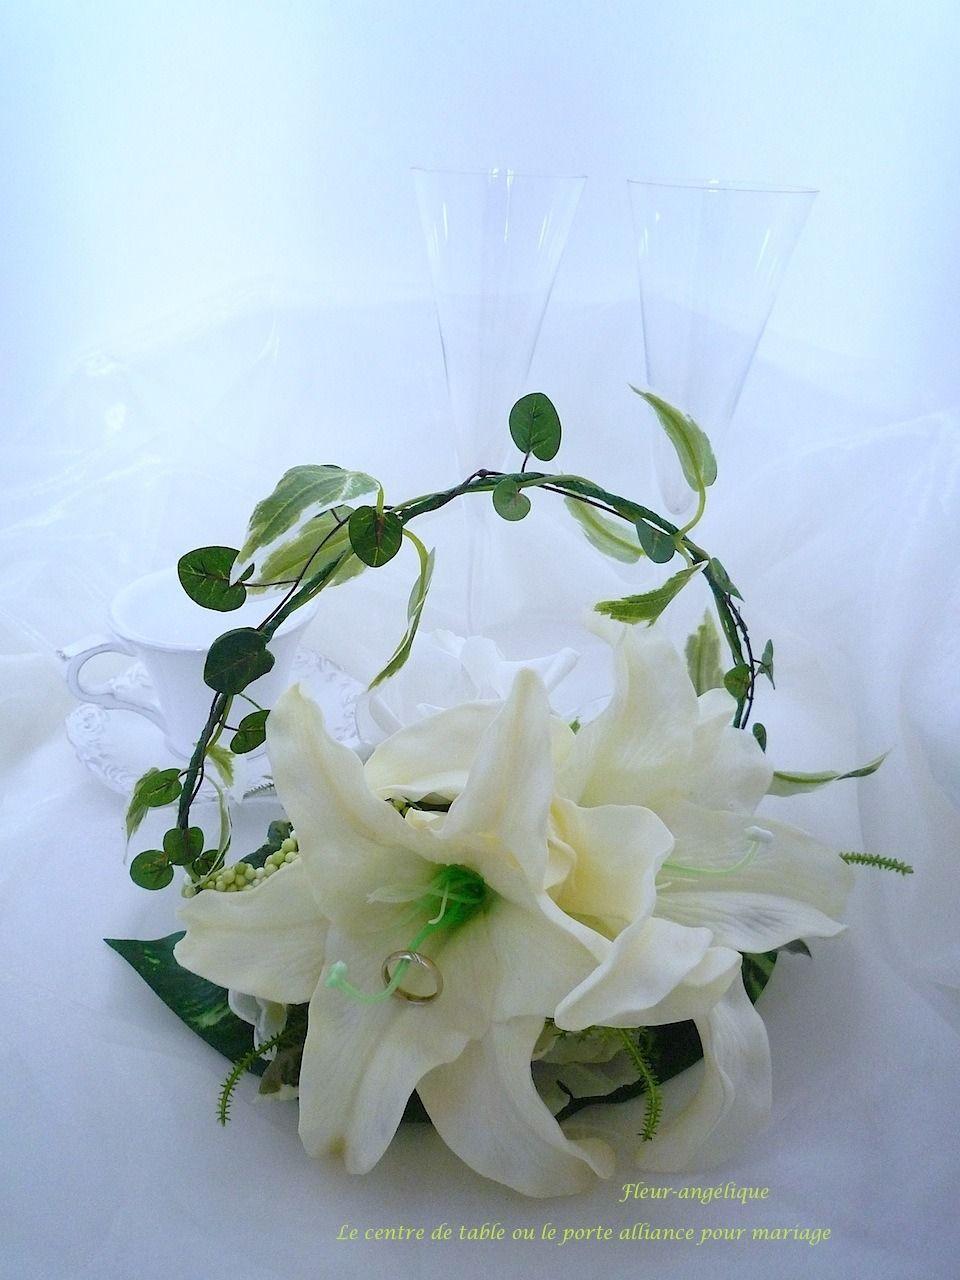 Centre De Table Ou Le Porte Alliance Rose Lis Blanc Vert En Fleur